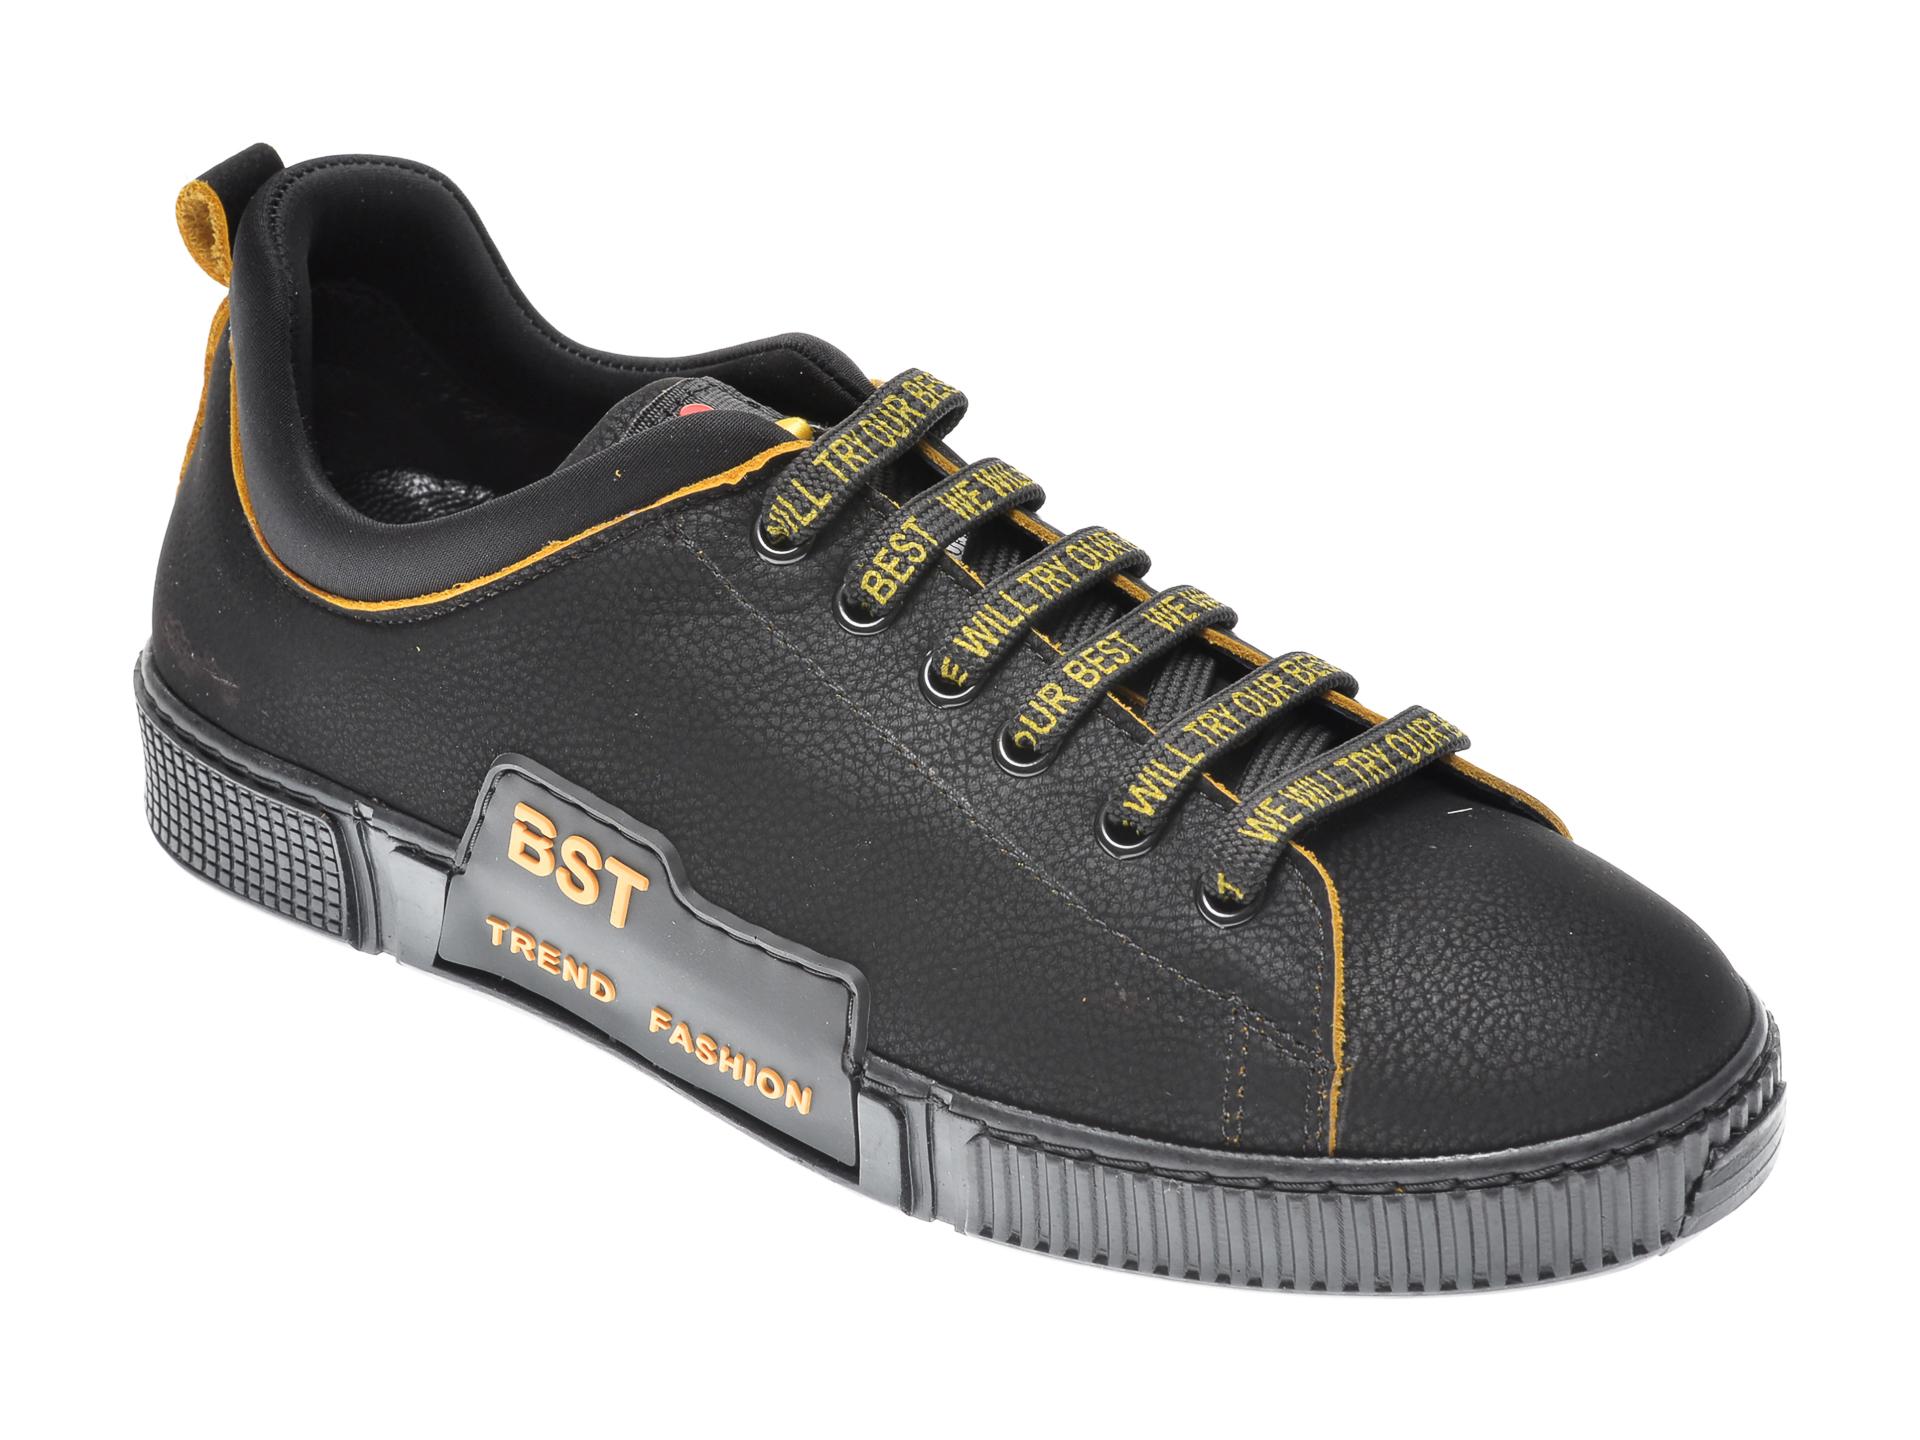 Pantofi sport LIU JO negri, Maxiale, din material textil si piele naturala